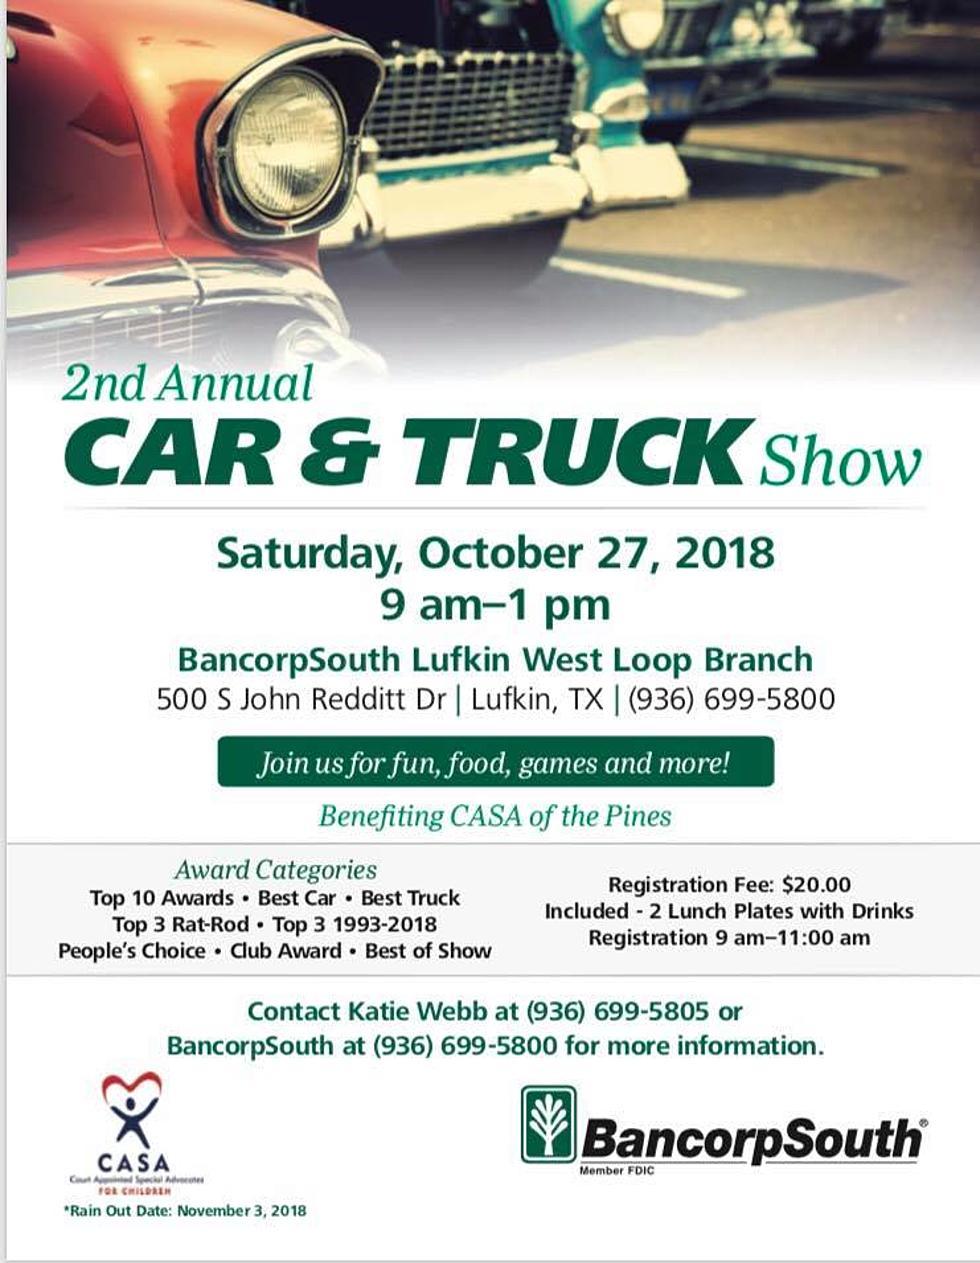 Benefit Car Show Coming In October - Fun car show award categories